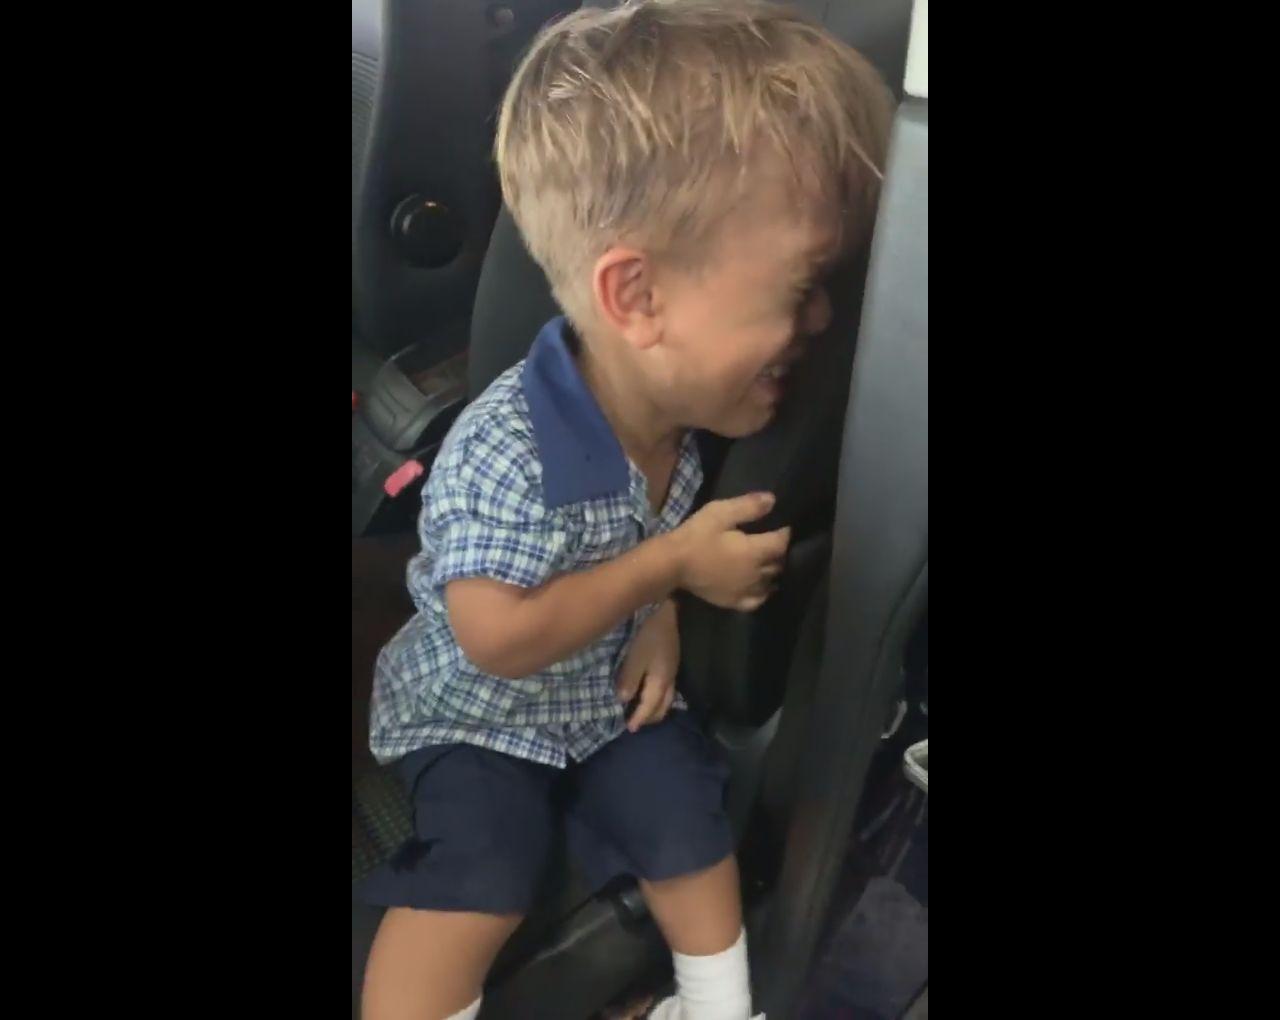 Harcelé à l'école, le petit Quaden veut mourir